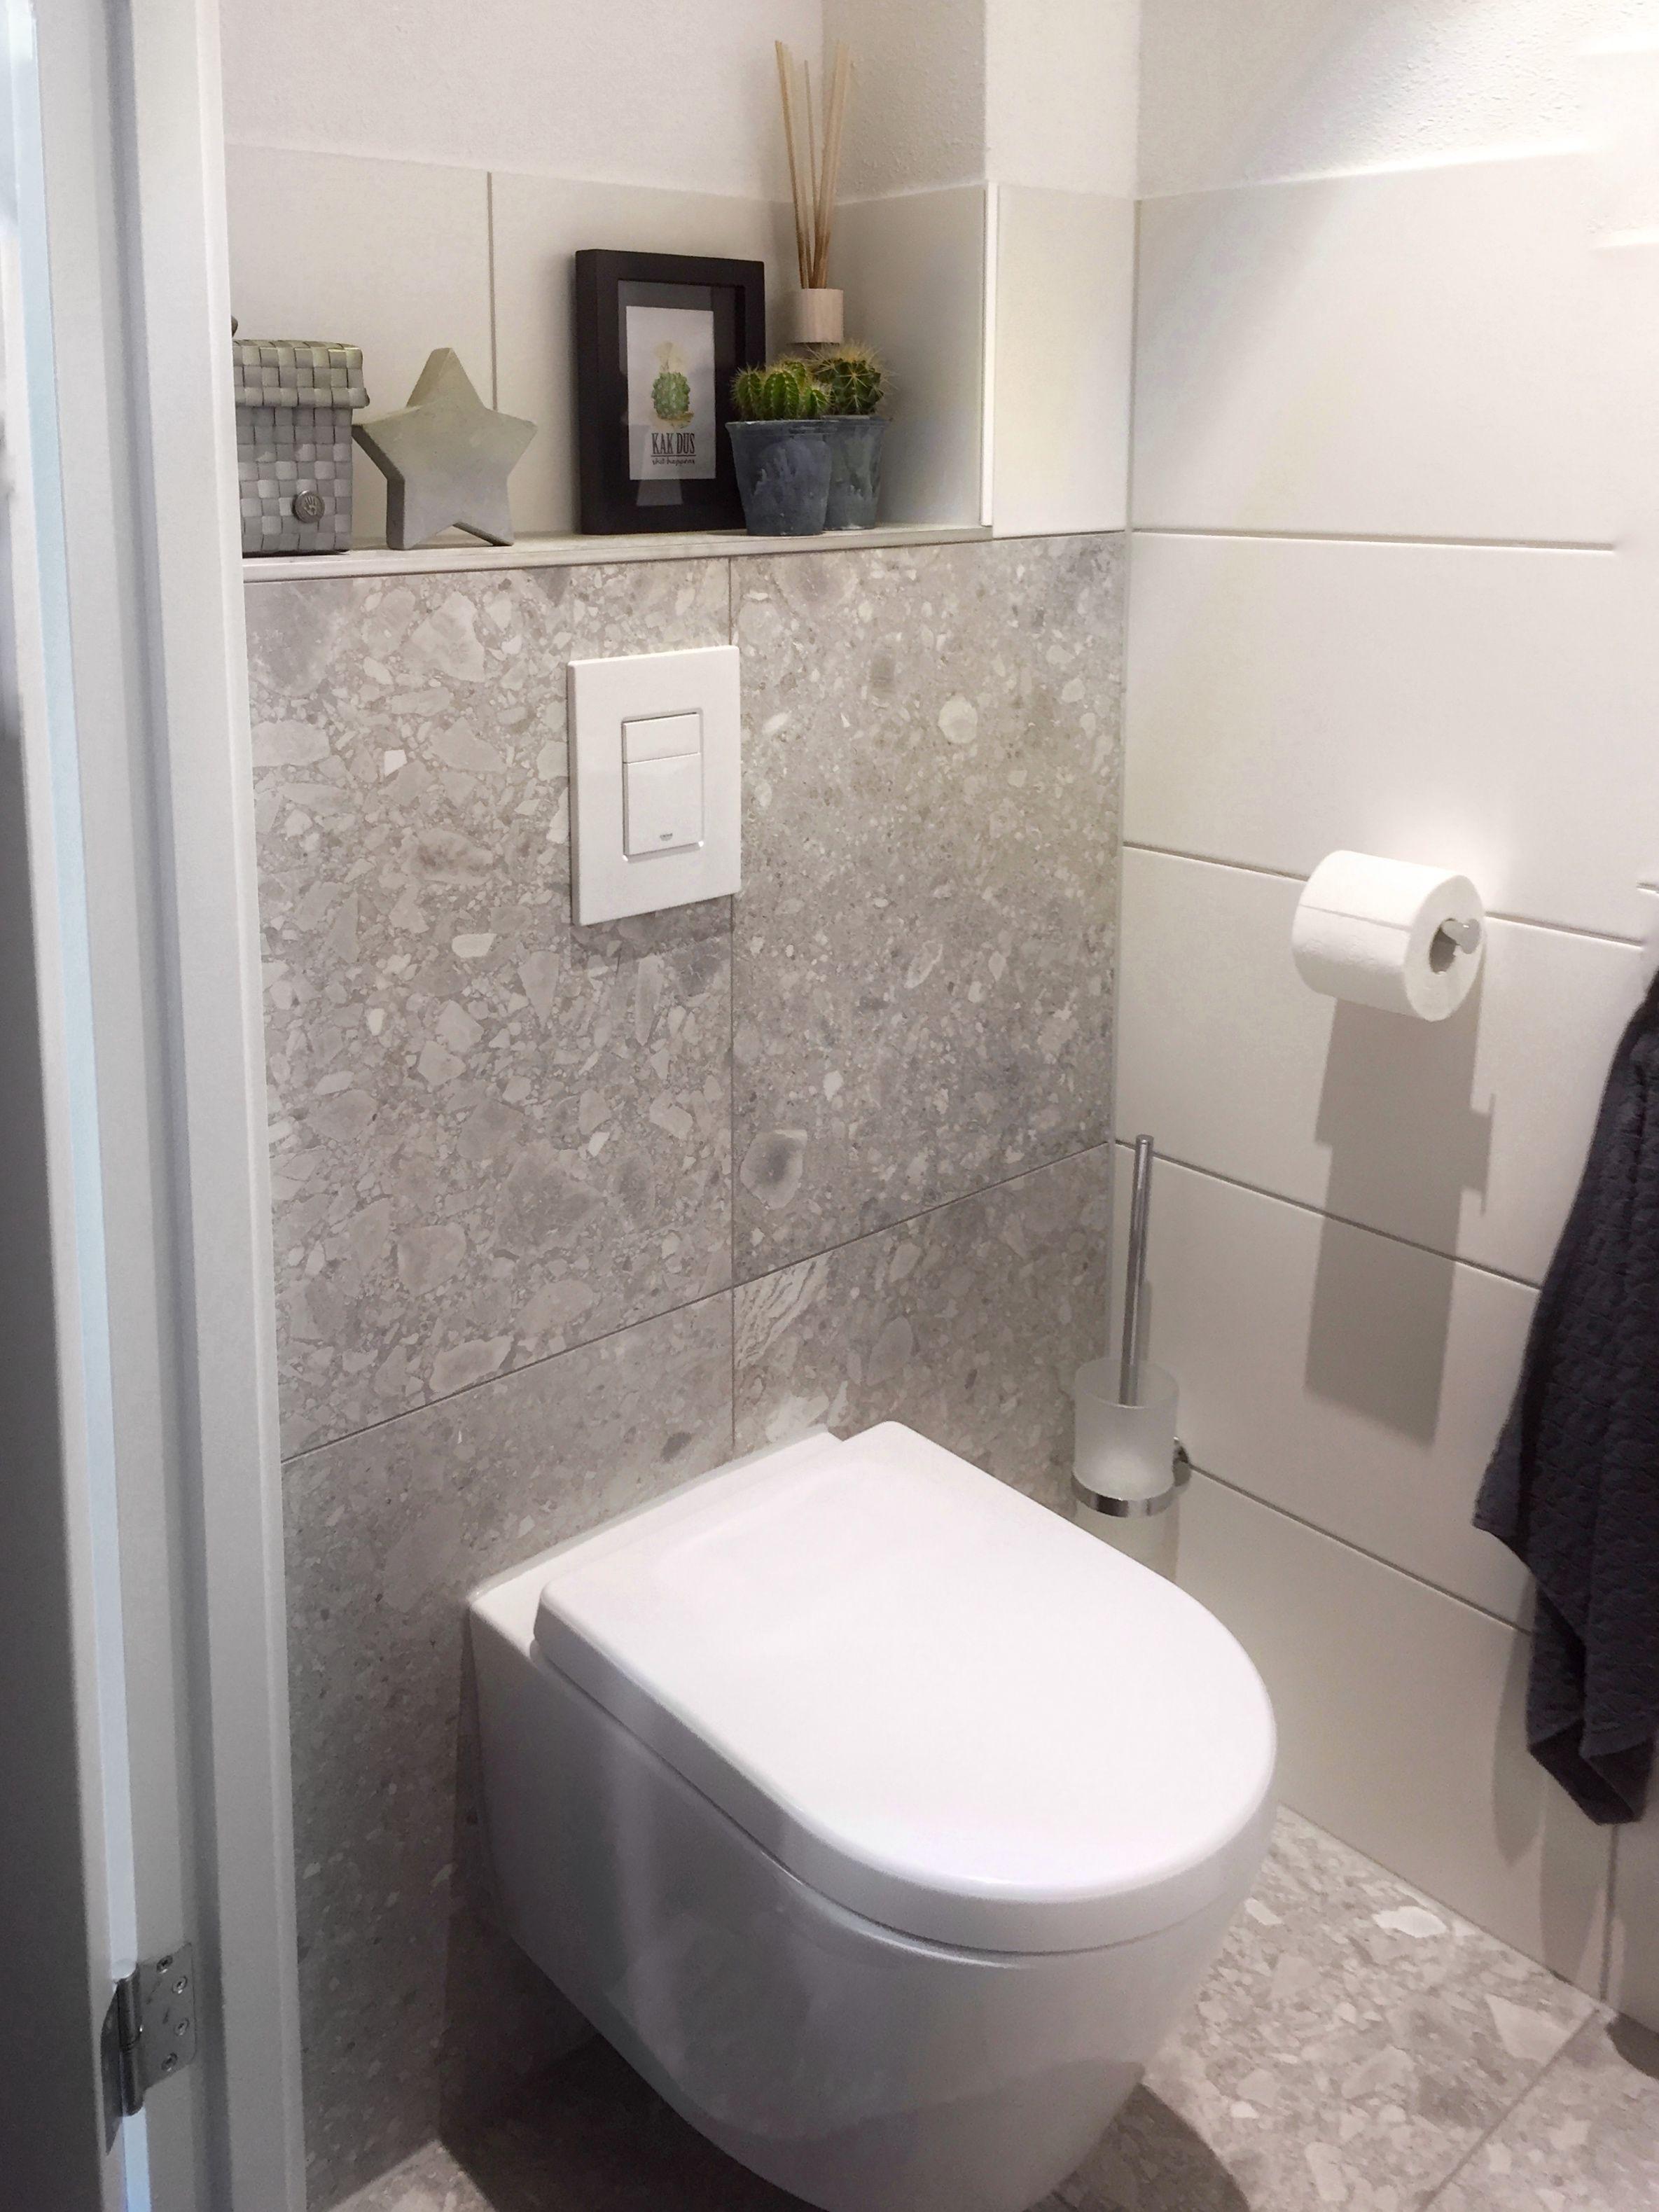 Toilet in thema kaktus  Sobere grijze tinten met fris wit  VTwonen  Composite Light GreyToilet in thema kaktus  Sobere grijze tinten met fris wit  VTwonen  . Light Grey Toilet Seat. Home Design Ideas